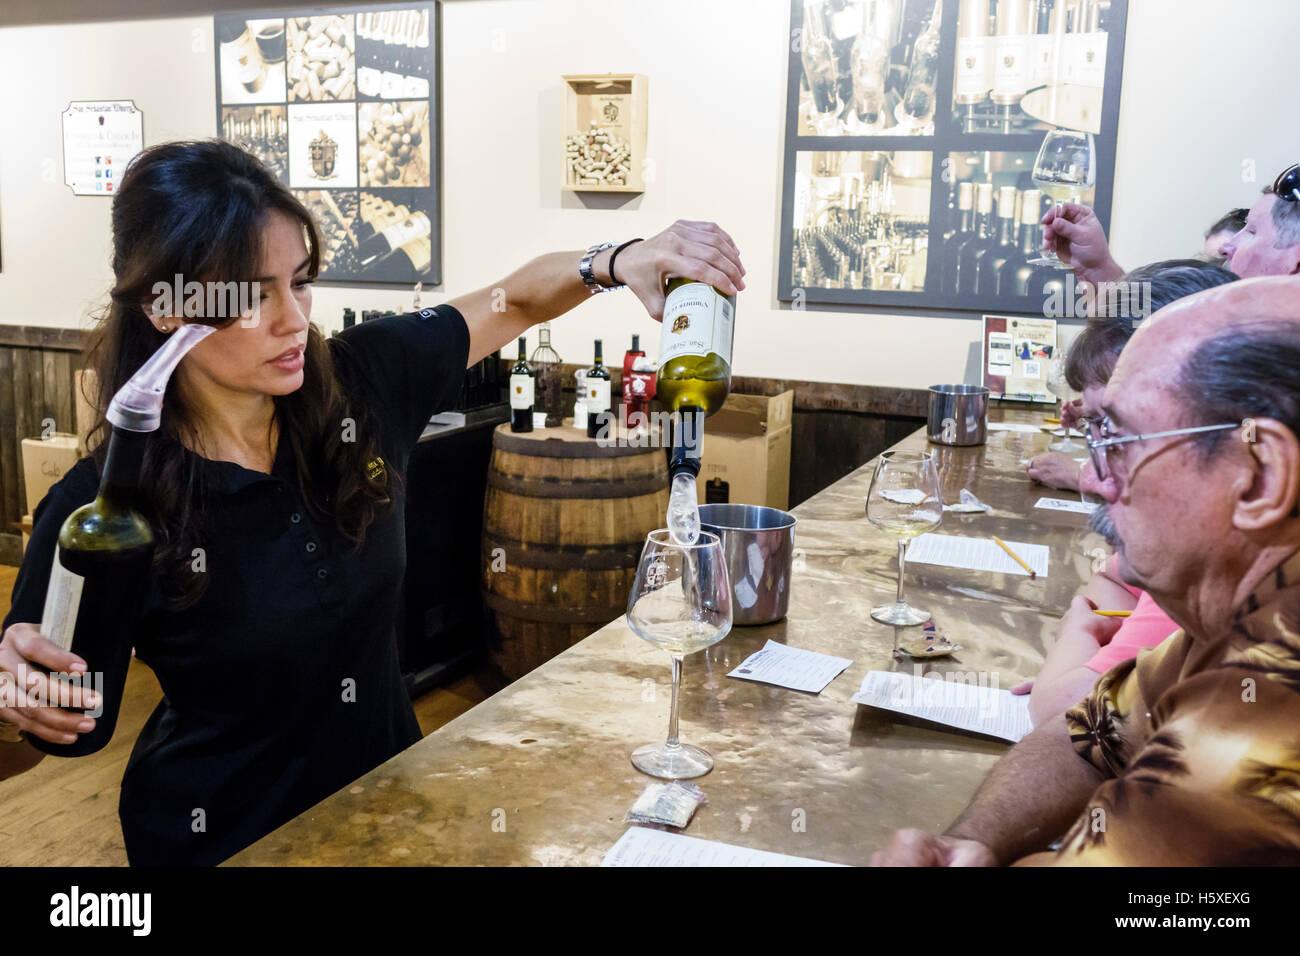 San Agustín Florida Bodega San Sebastián dentro de cata mujer hombre Hispanic vertiendo hostess Imagen De Stock